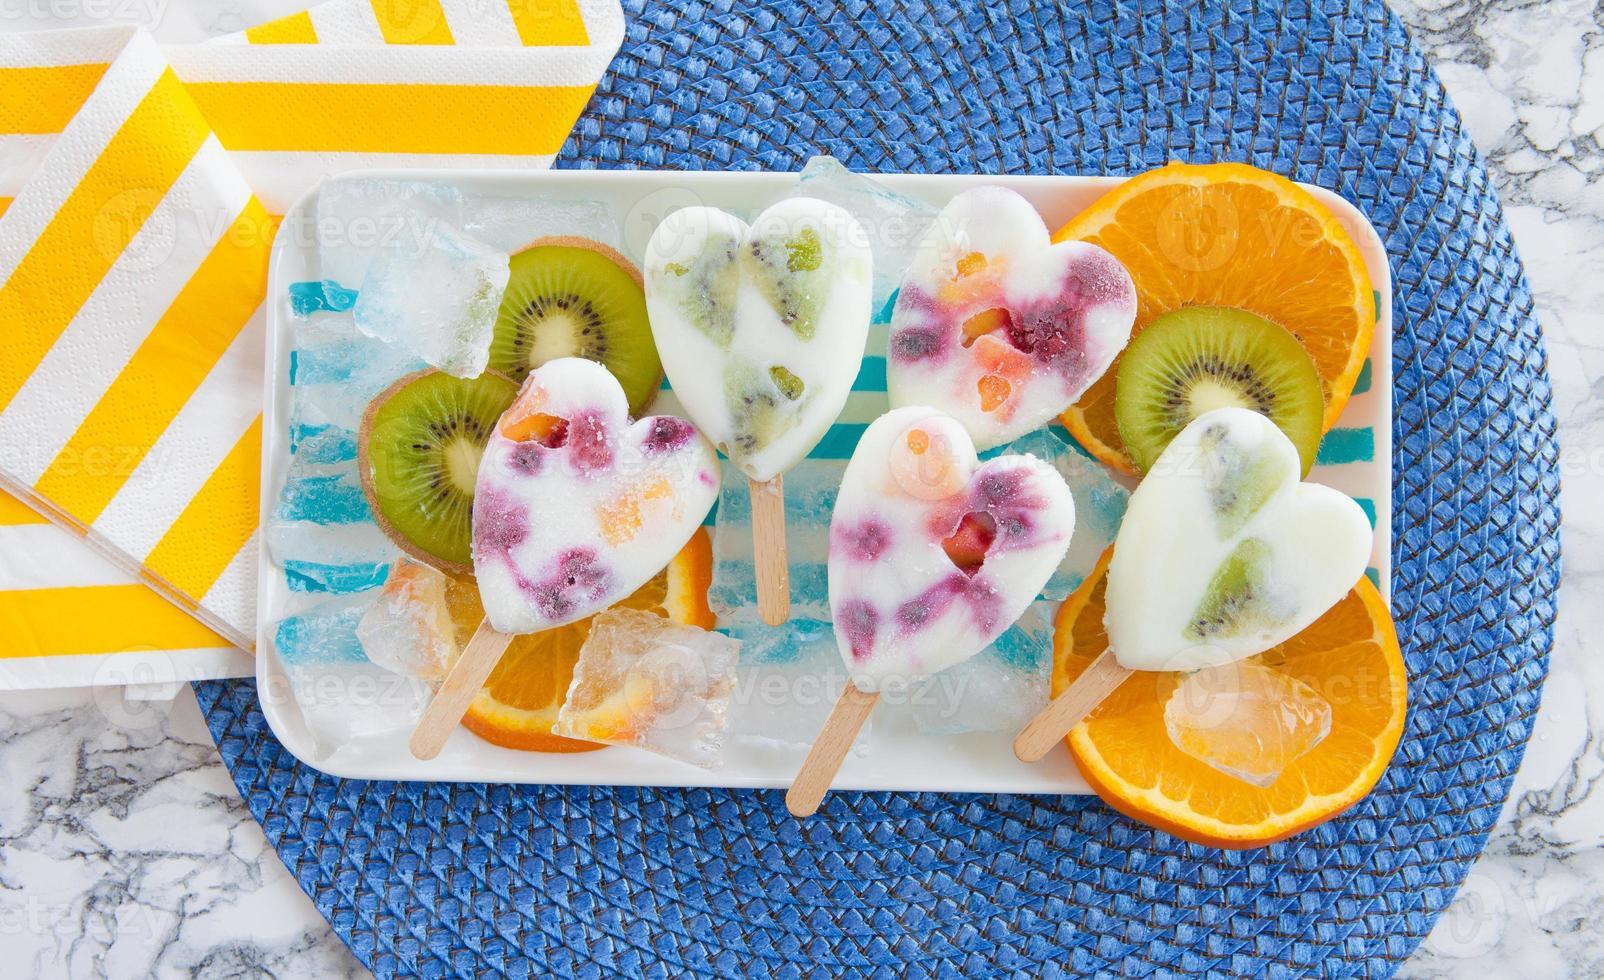 zelfgemaakte bevroren ijsjes foto